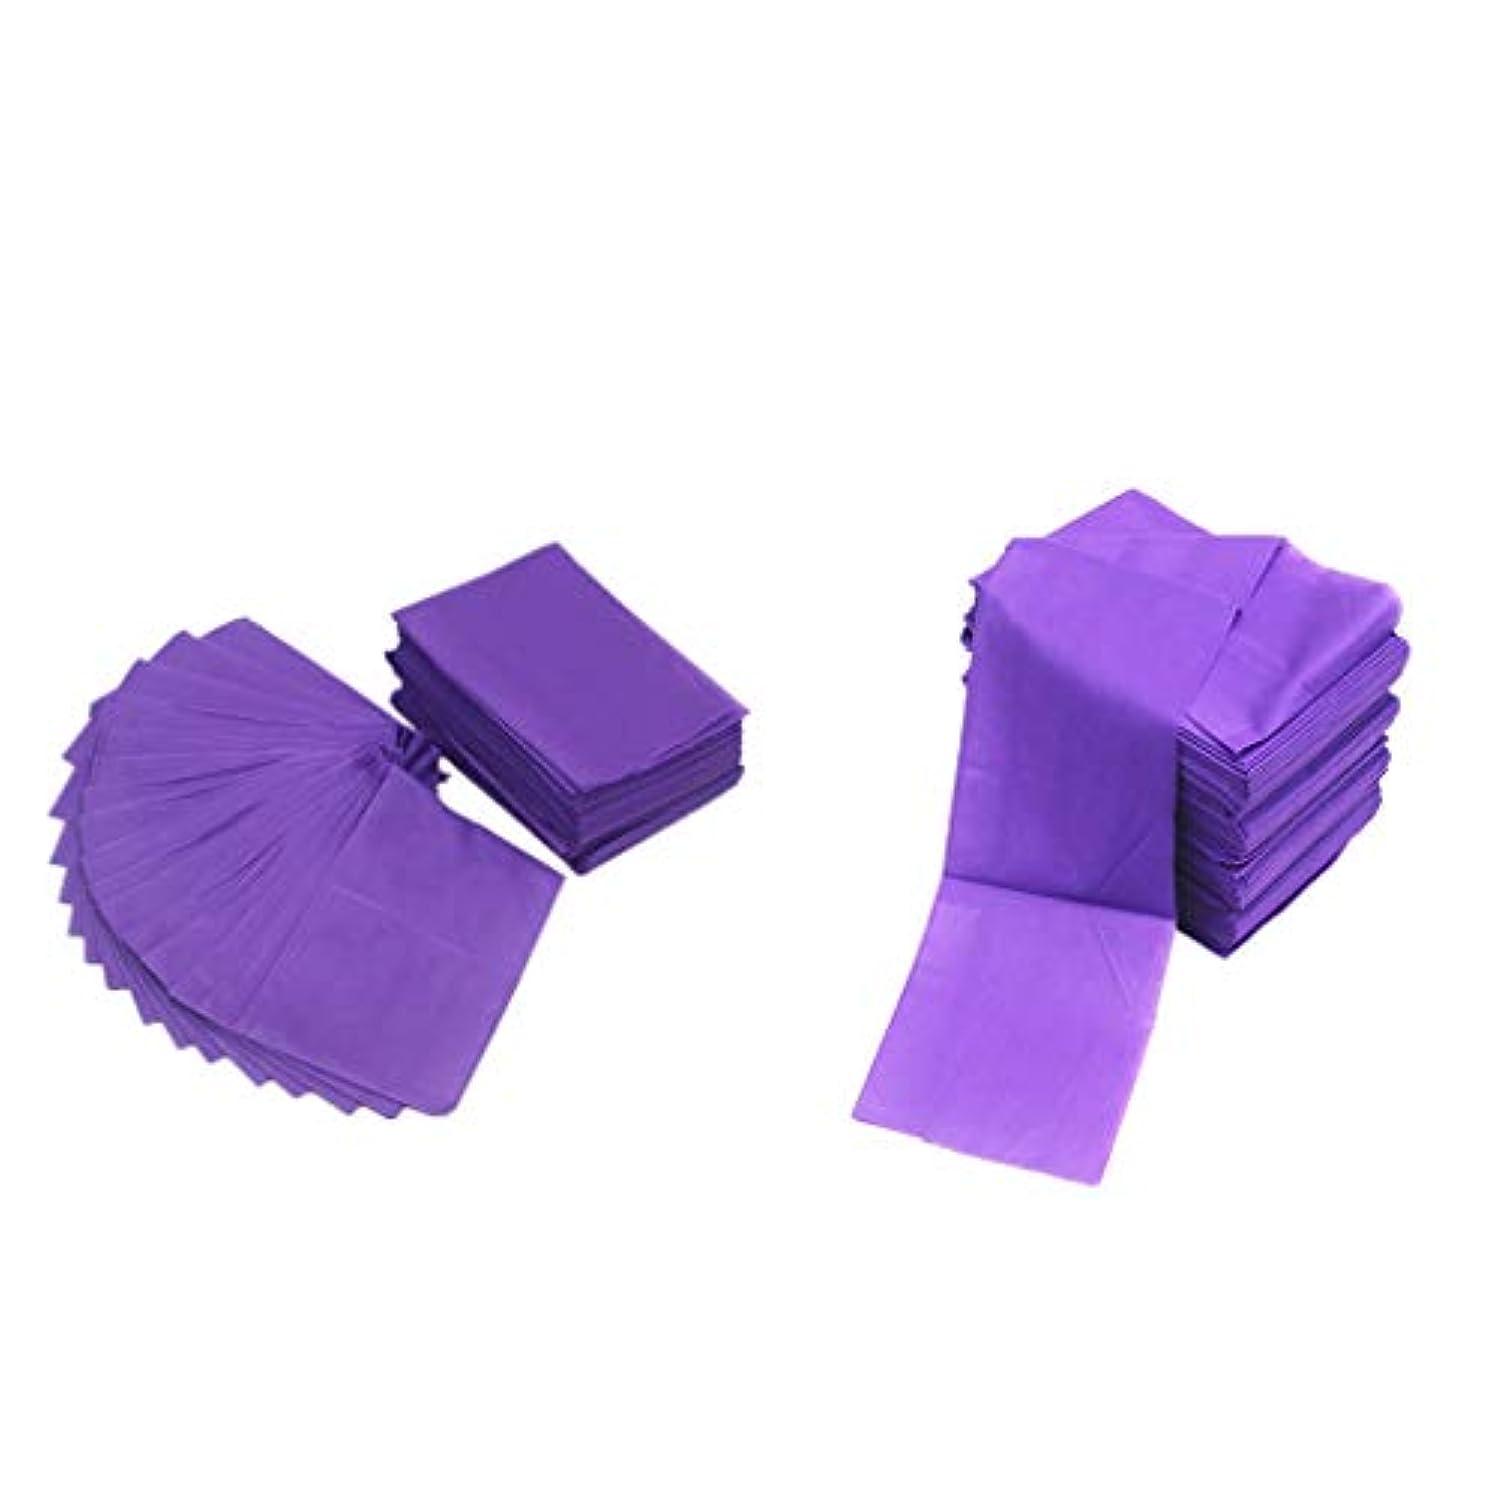 率直なパシフィック依存するベッドカバー マッサージ ベットシート ベットシーツ フィット感 防水性 耐久性 20ピースセット